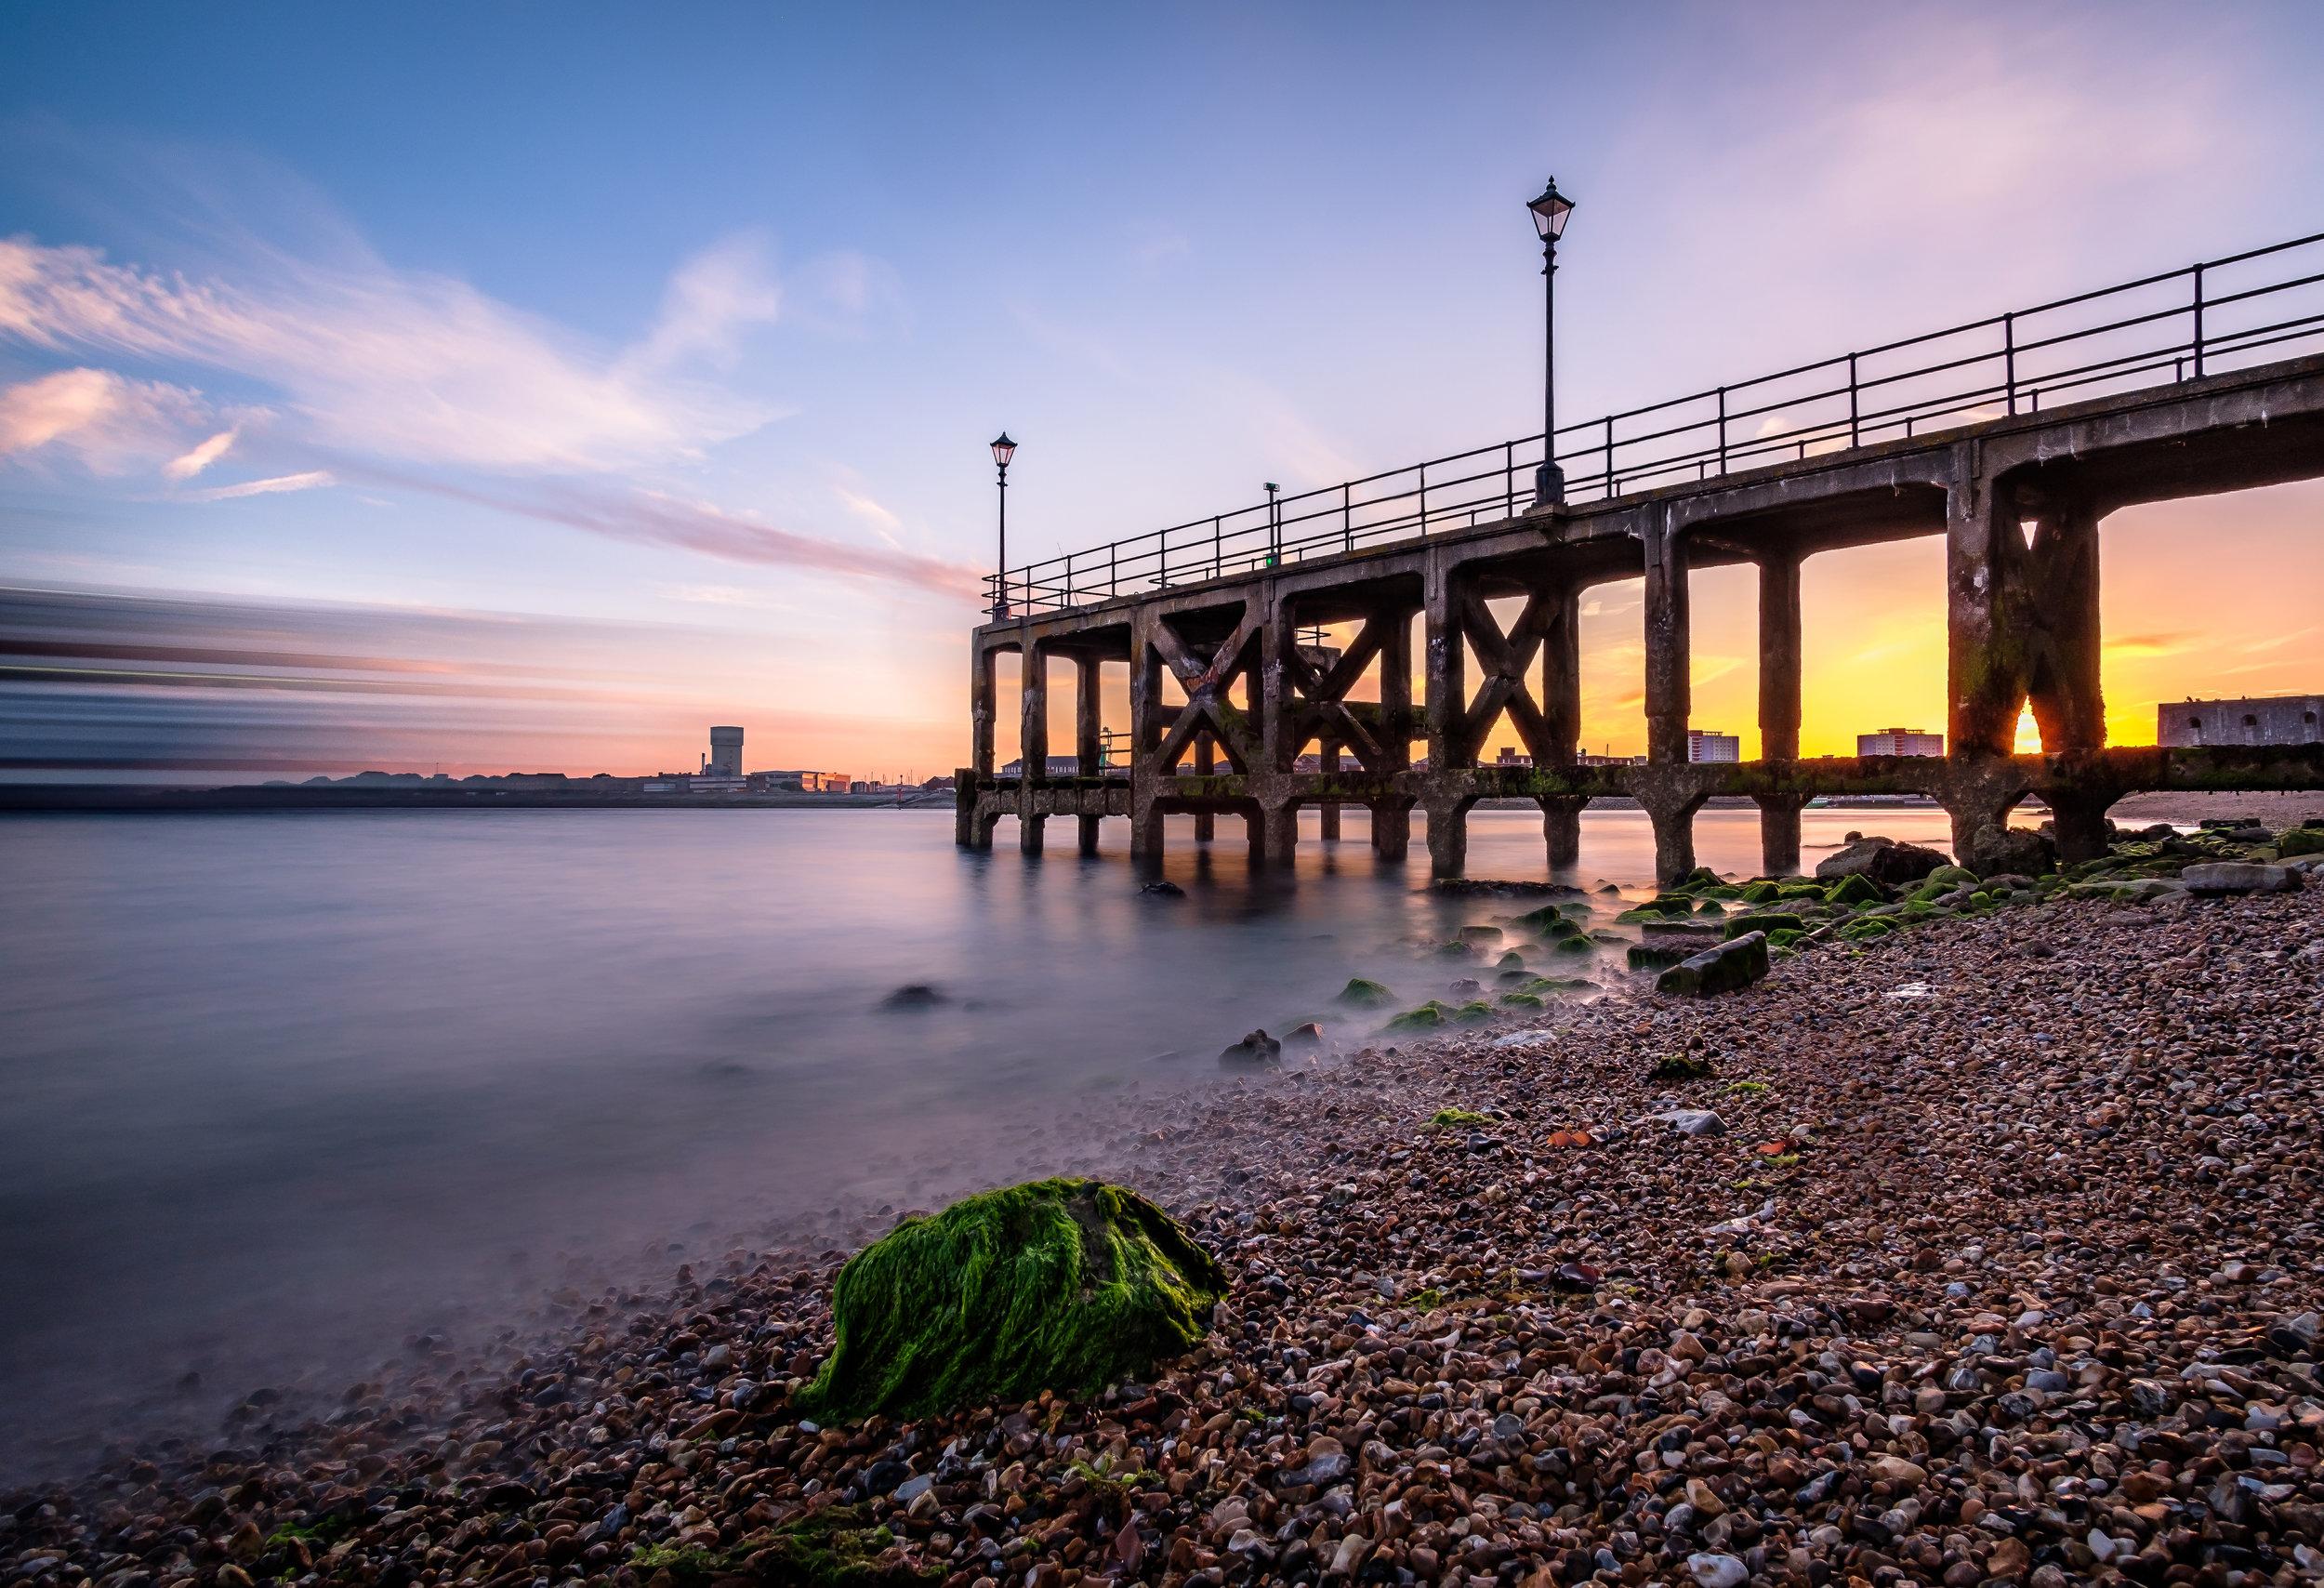 Victoria Pier - Portsmouth, UK.